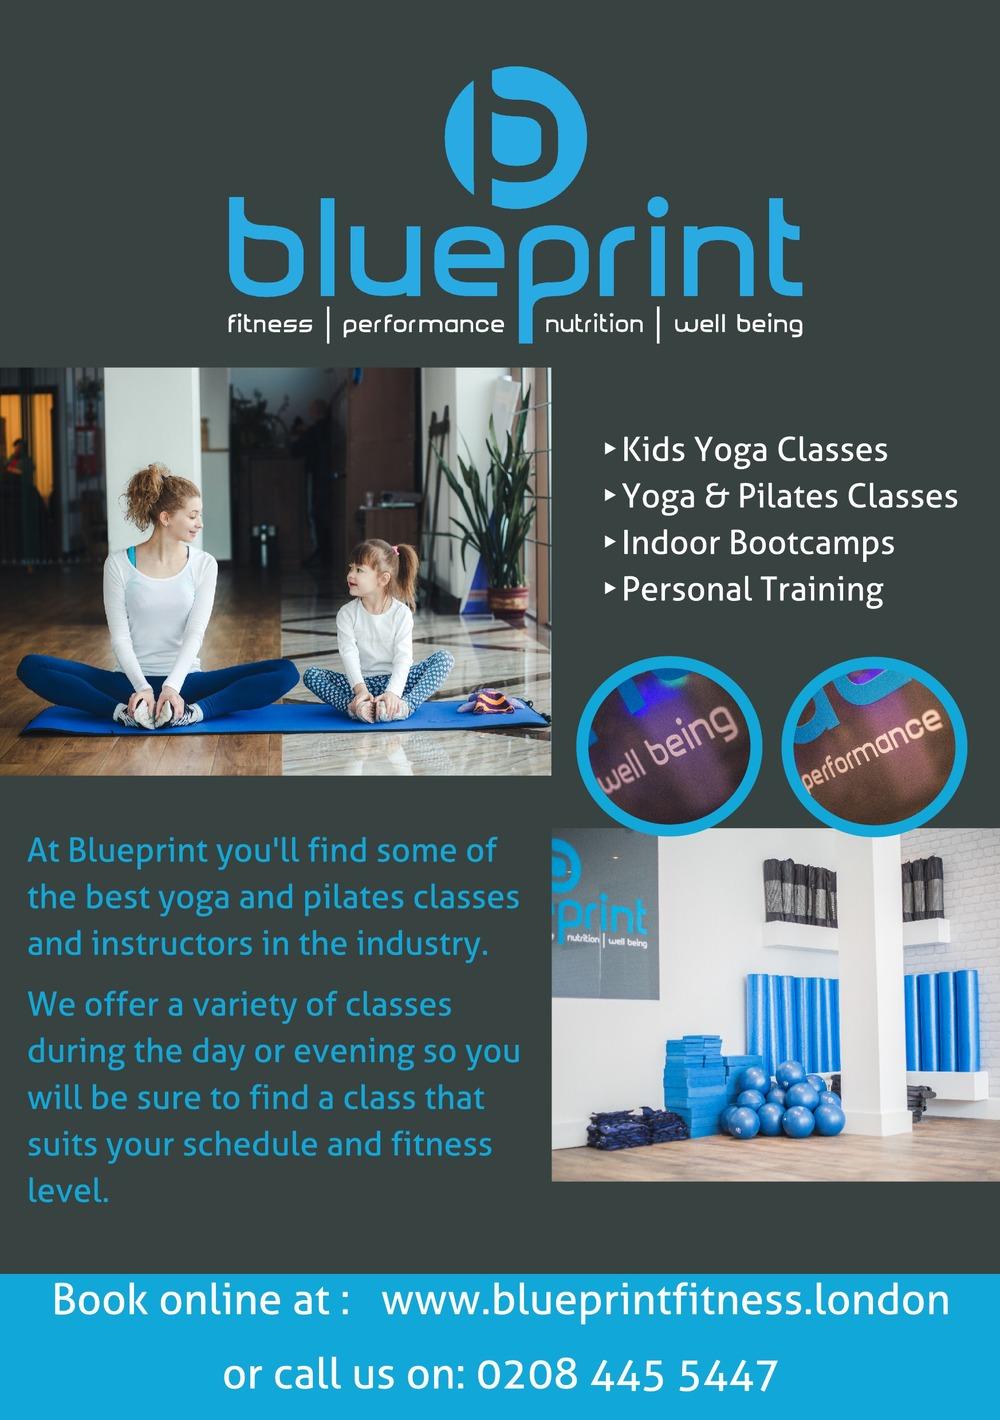 Yoga for Kids at Blueprint Fitness, Whetstone N20 0PT